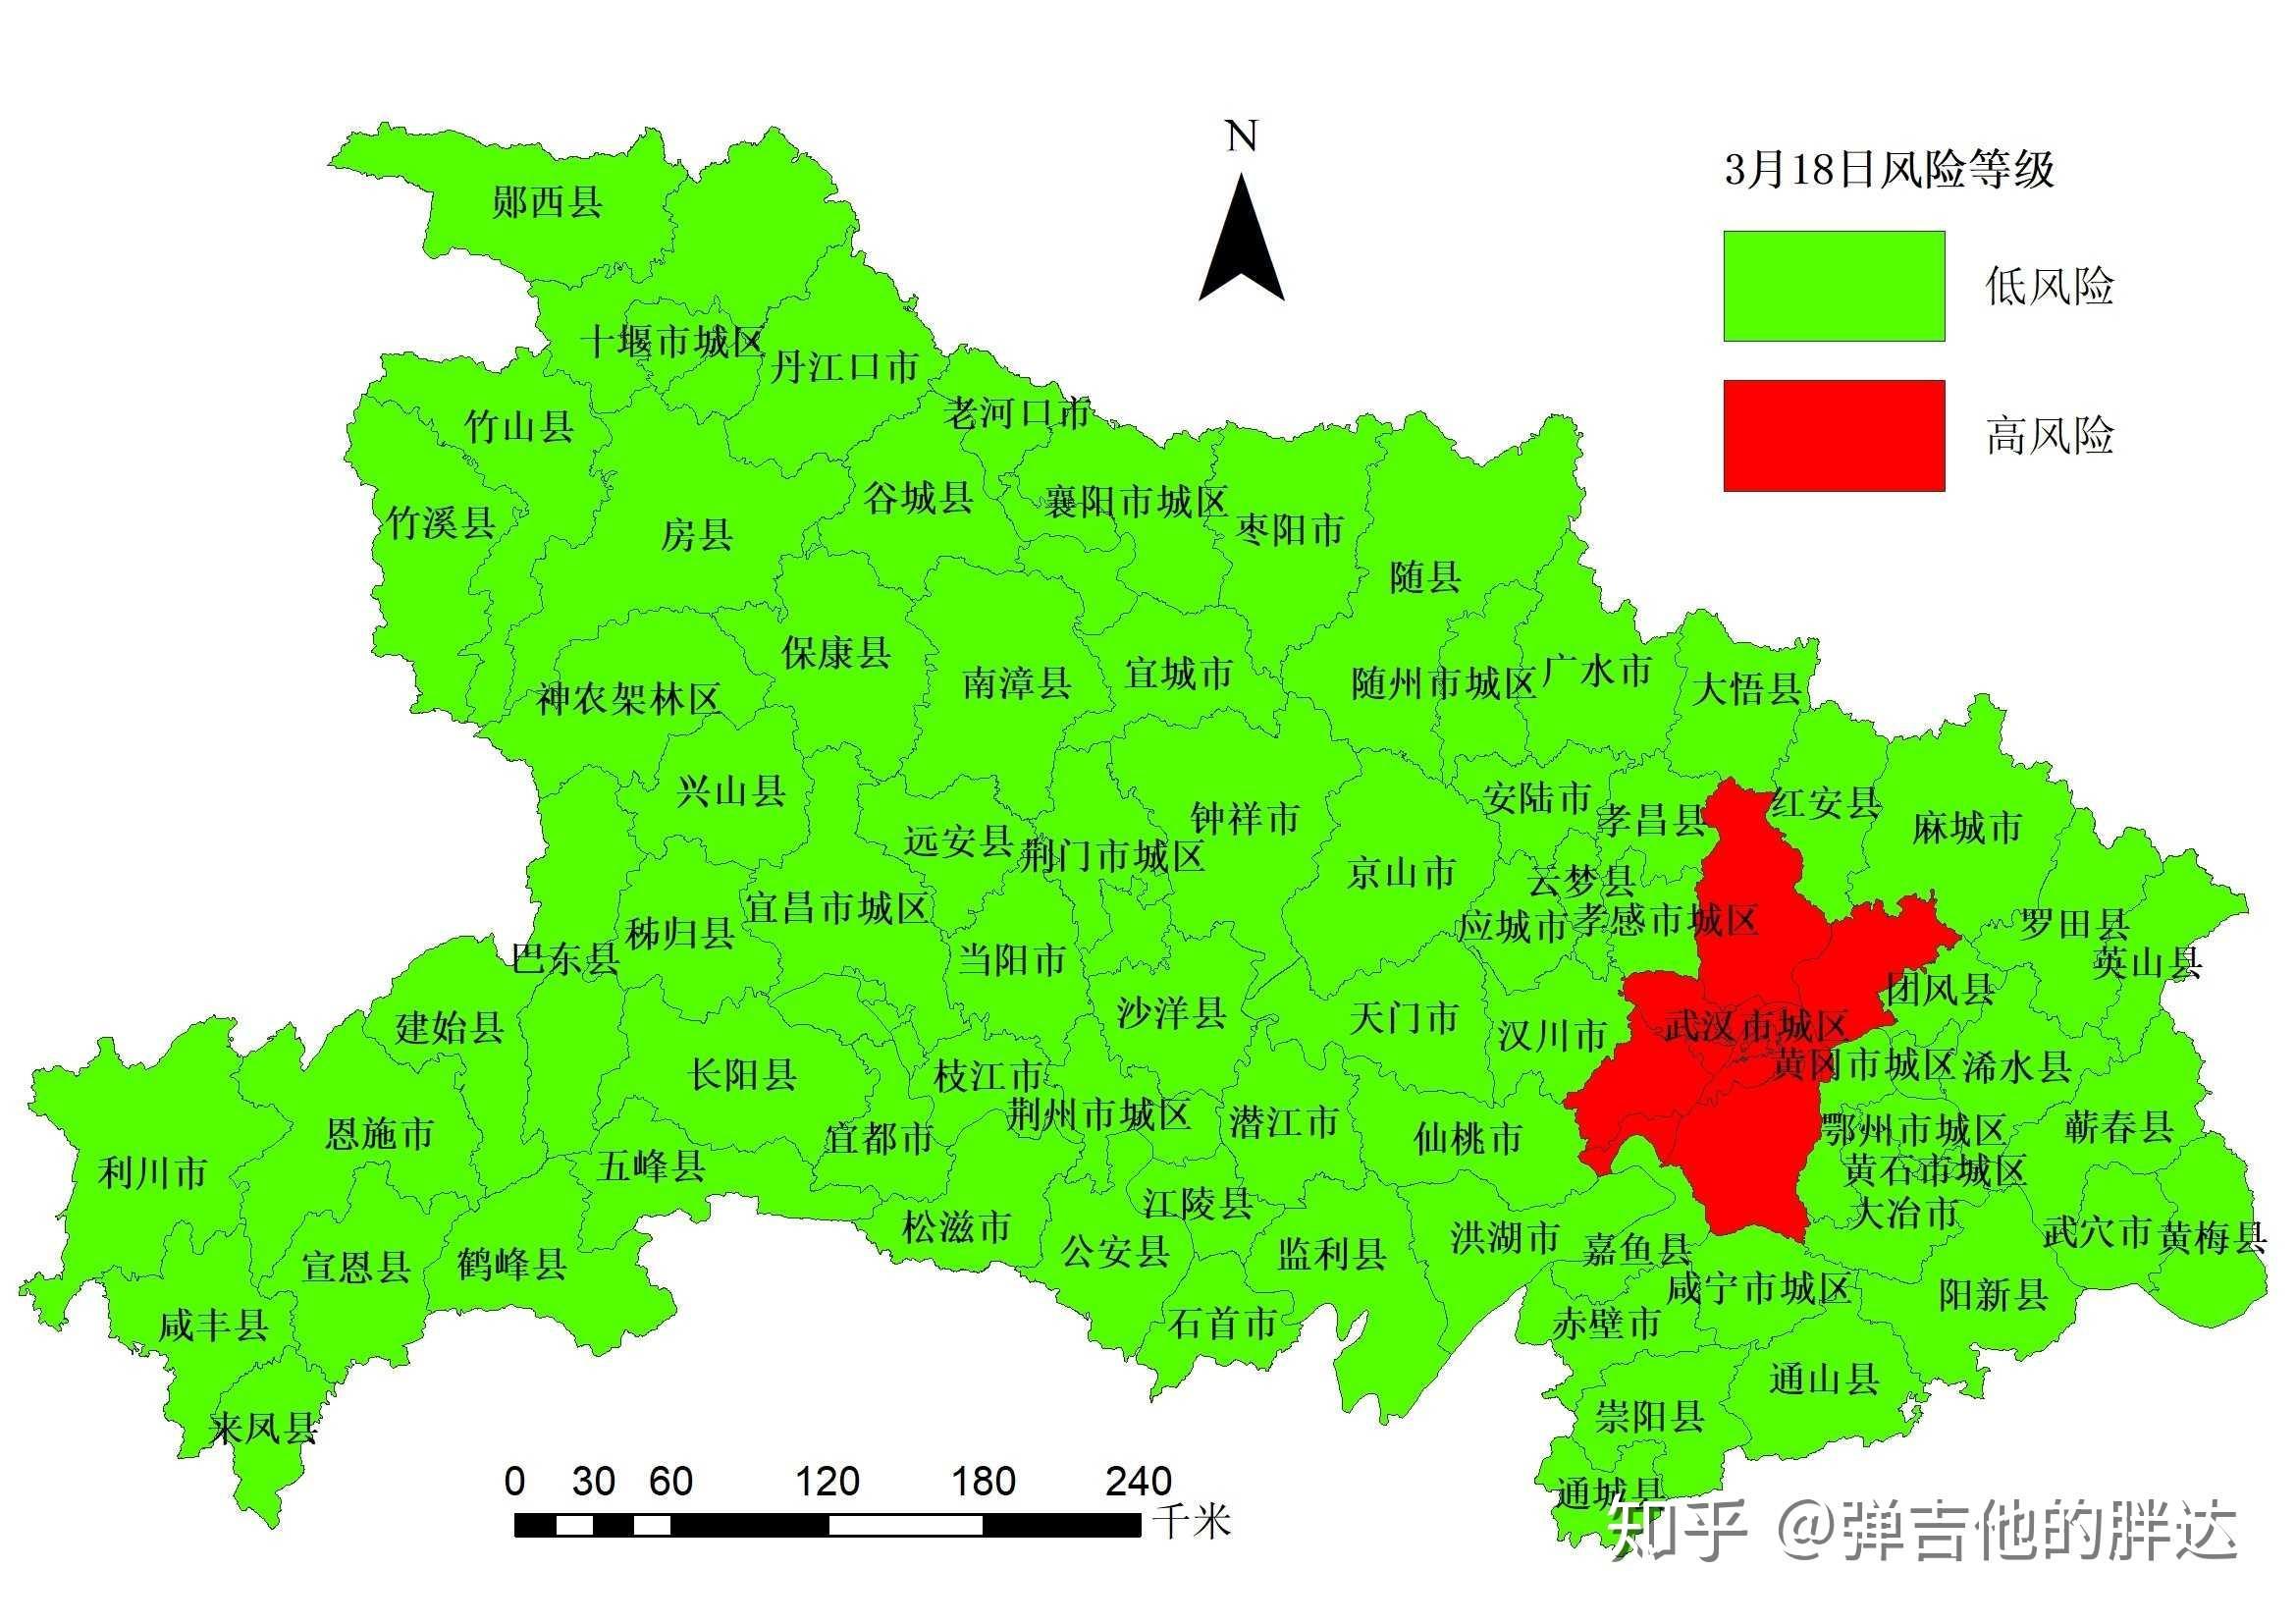 湖北人口6166万_湖北人口分析图(2)